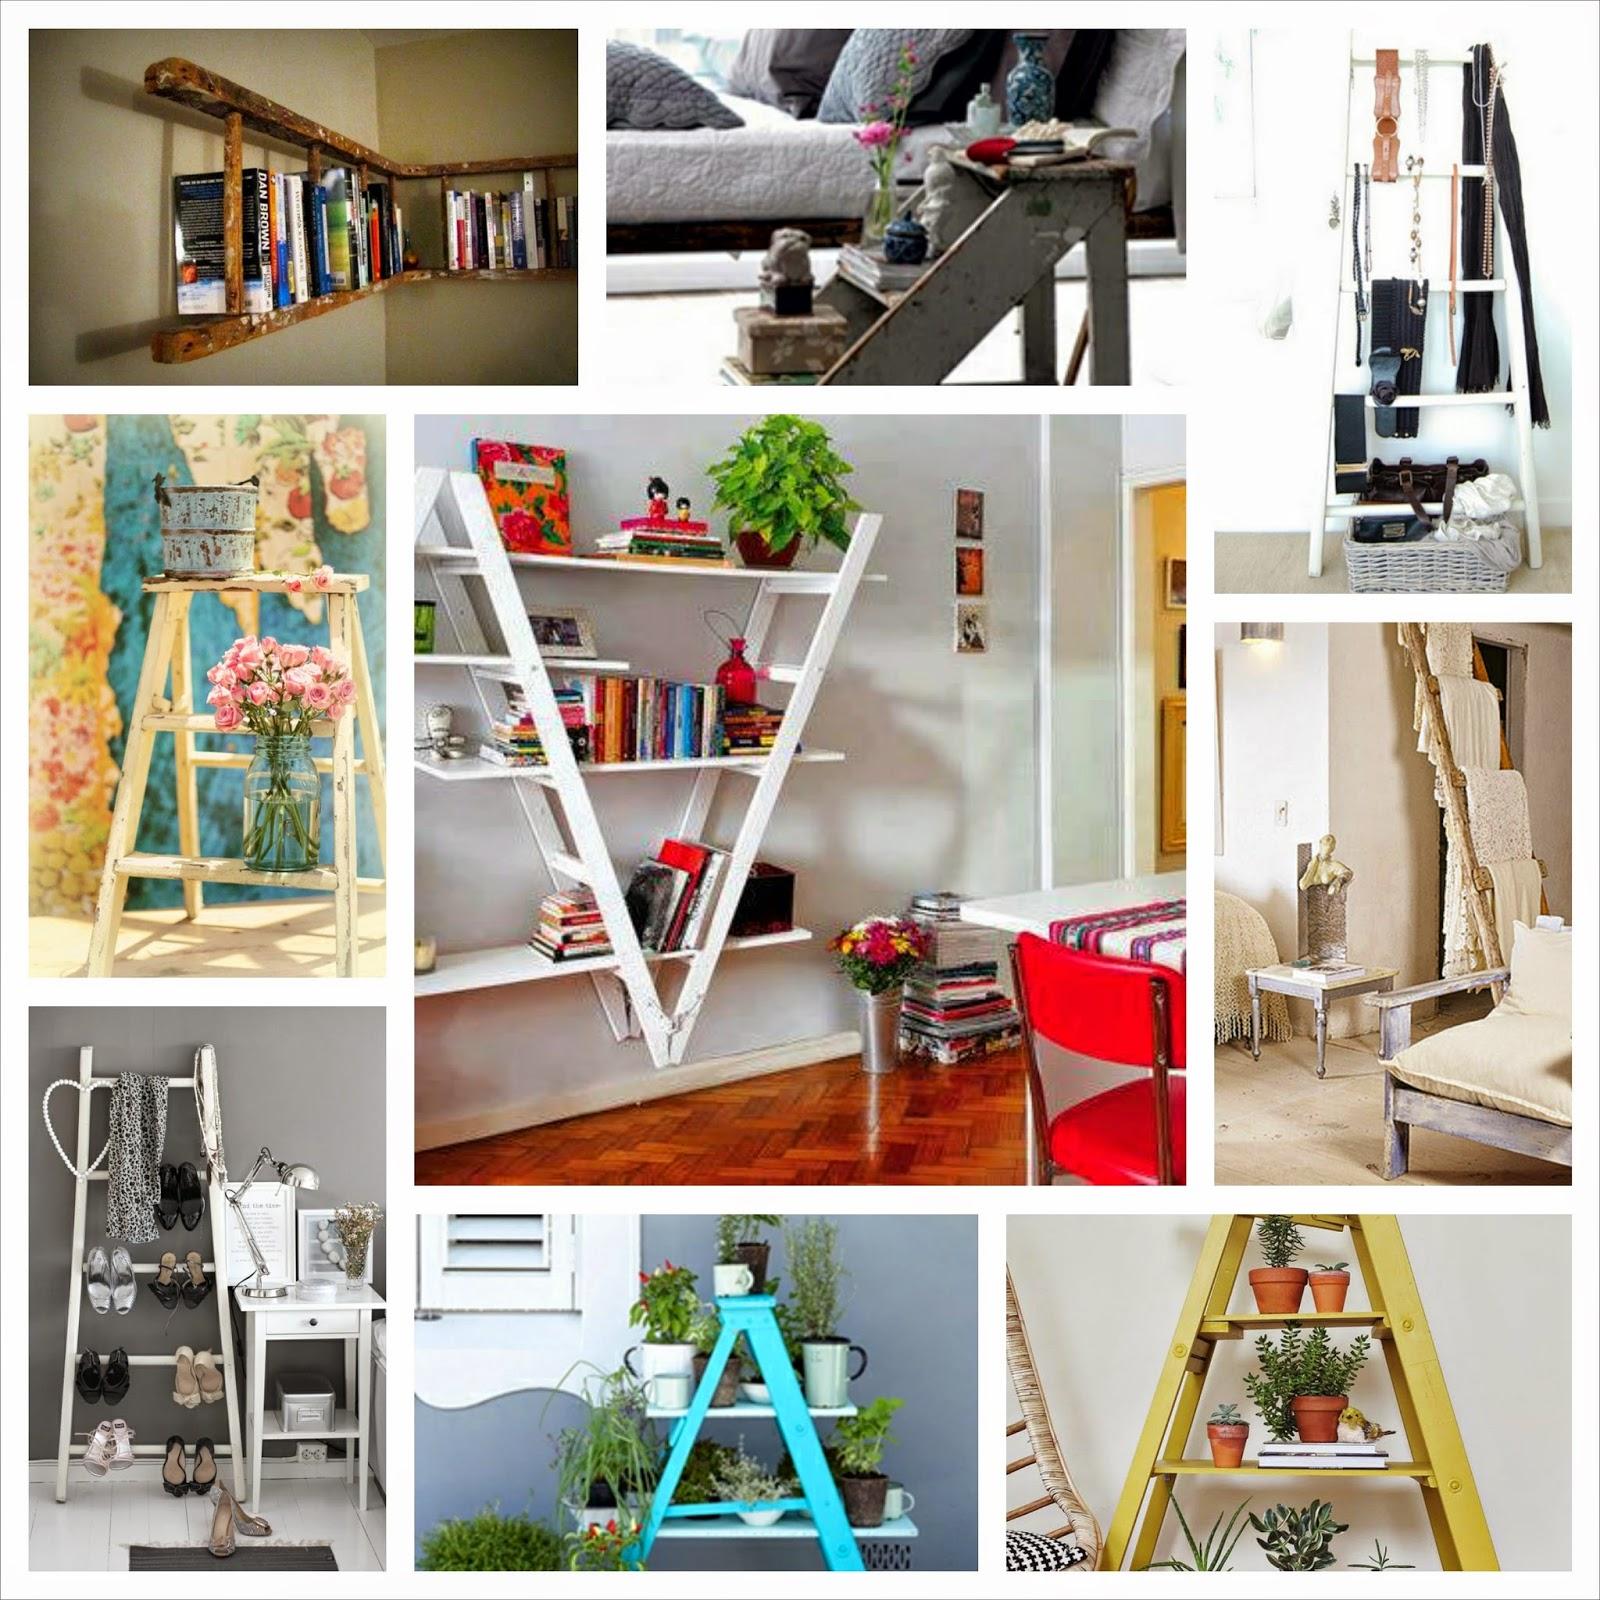 #B81314  de escada decoração de # decoracao de sala pequena simples e barata 1600x1600 píxeis em Decoração De Sala Pequena Bem Simples E Barata